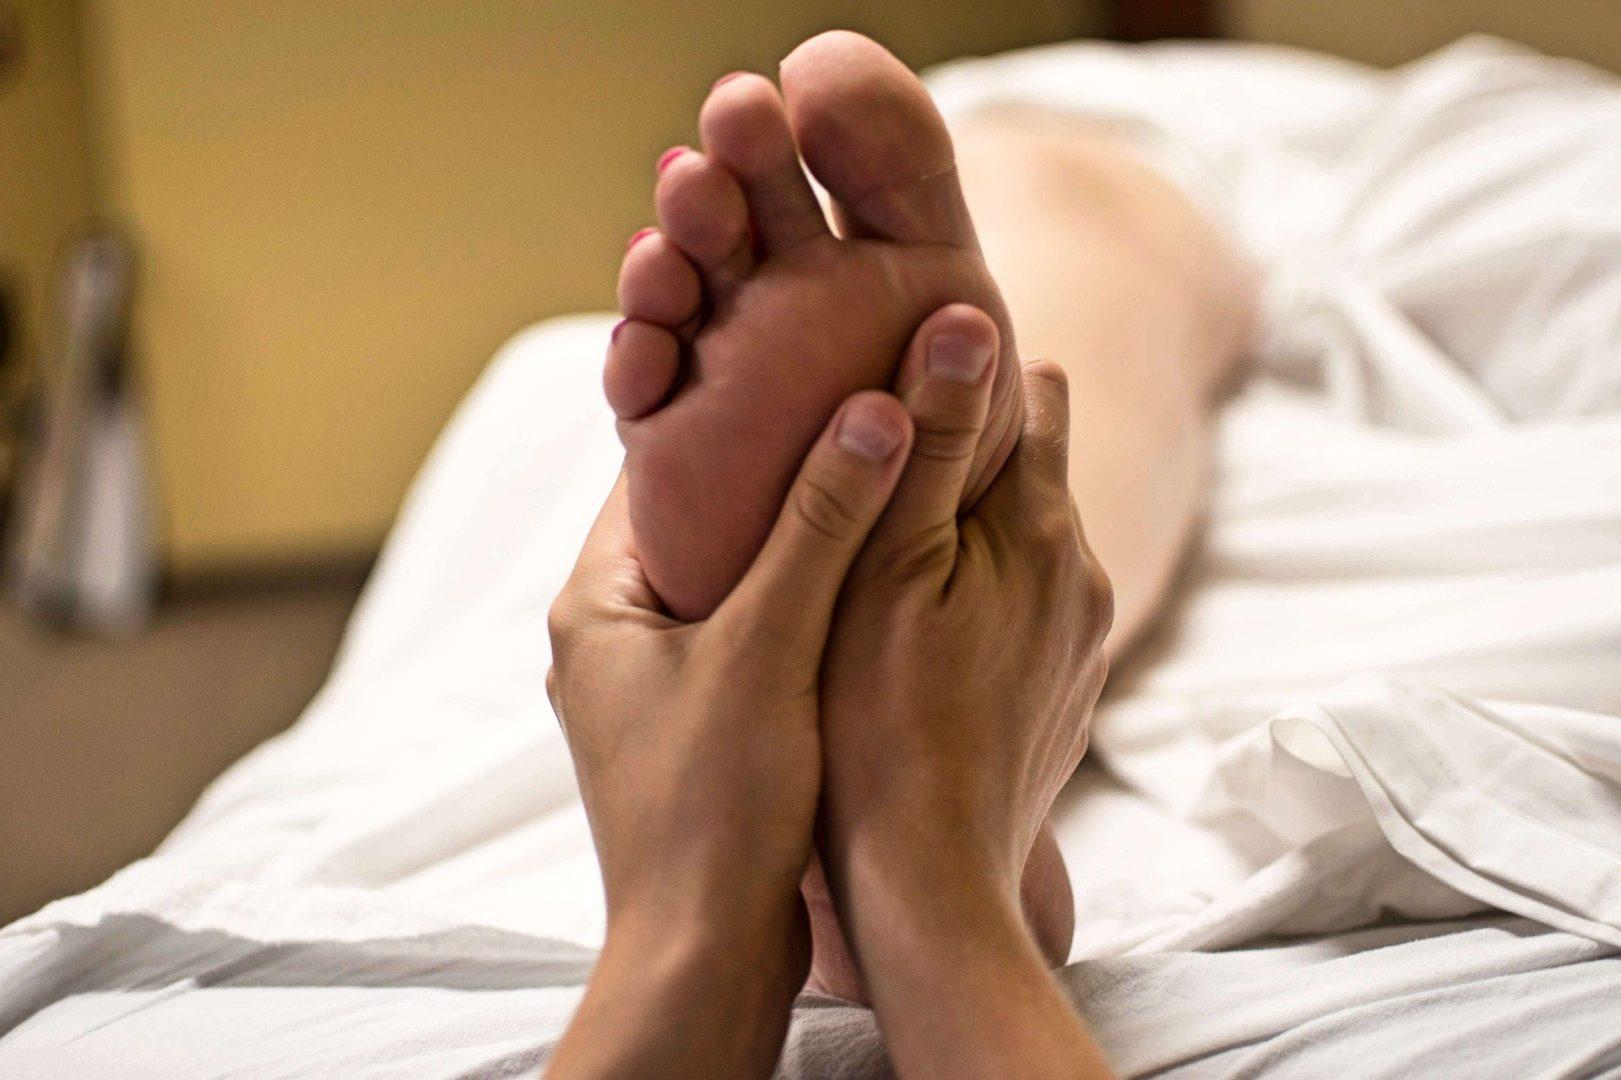 Soin des pieds - Beauté des mains & pieds